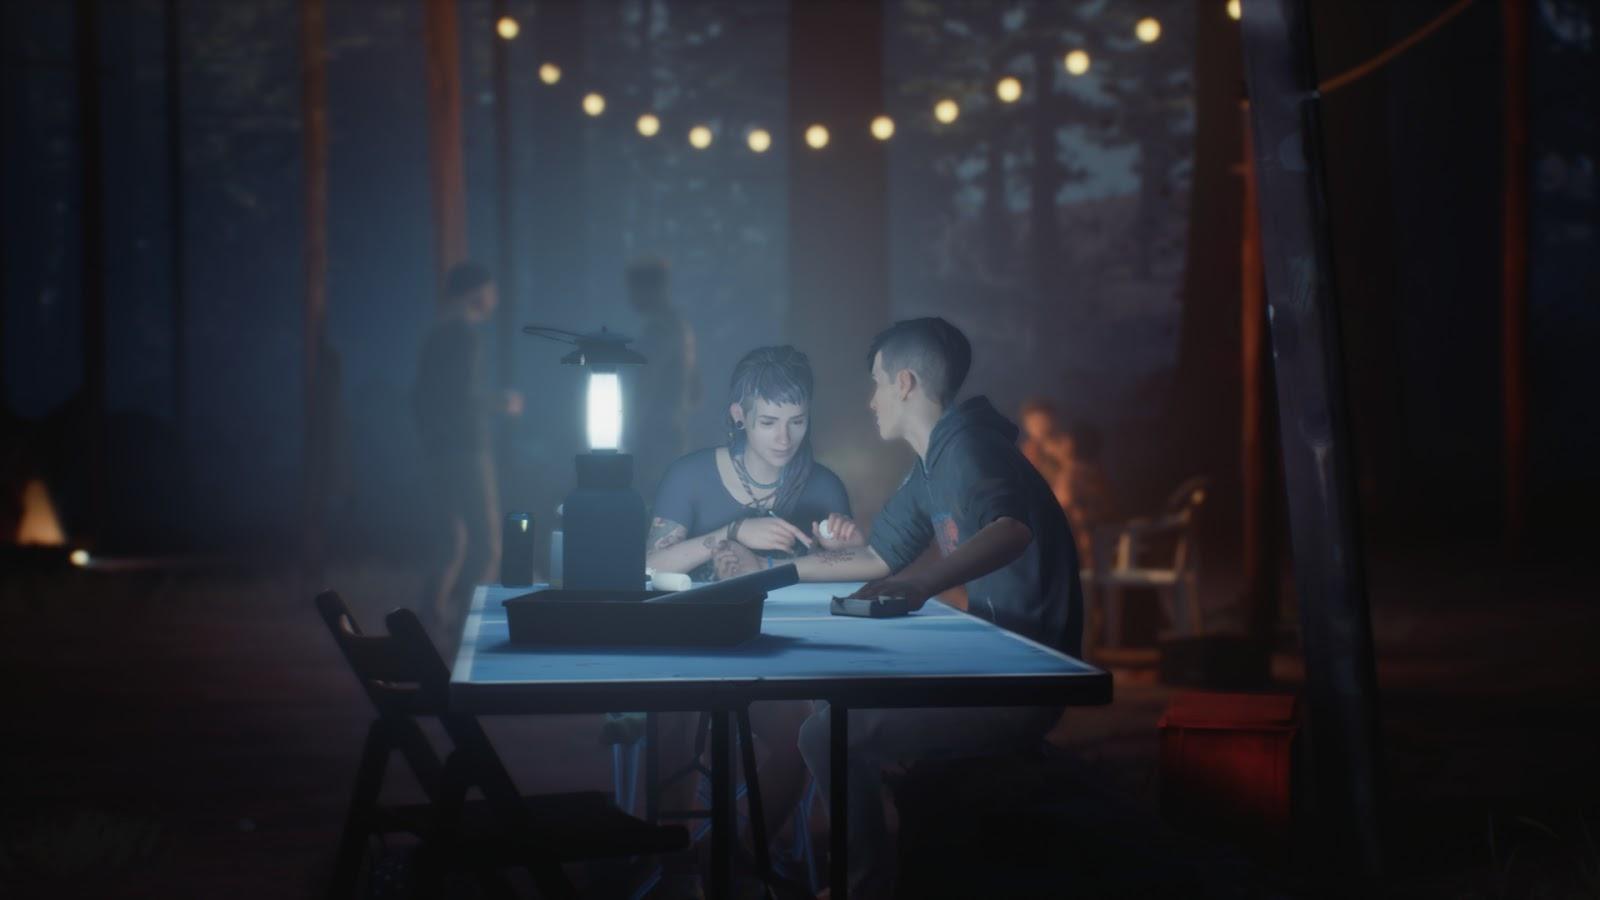 Cassidy tetoválja Sean alkarját a táborban, éjjel.